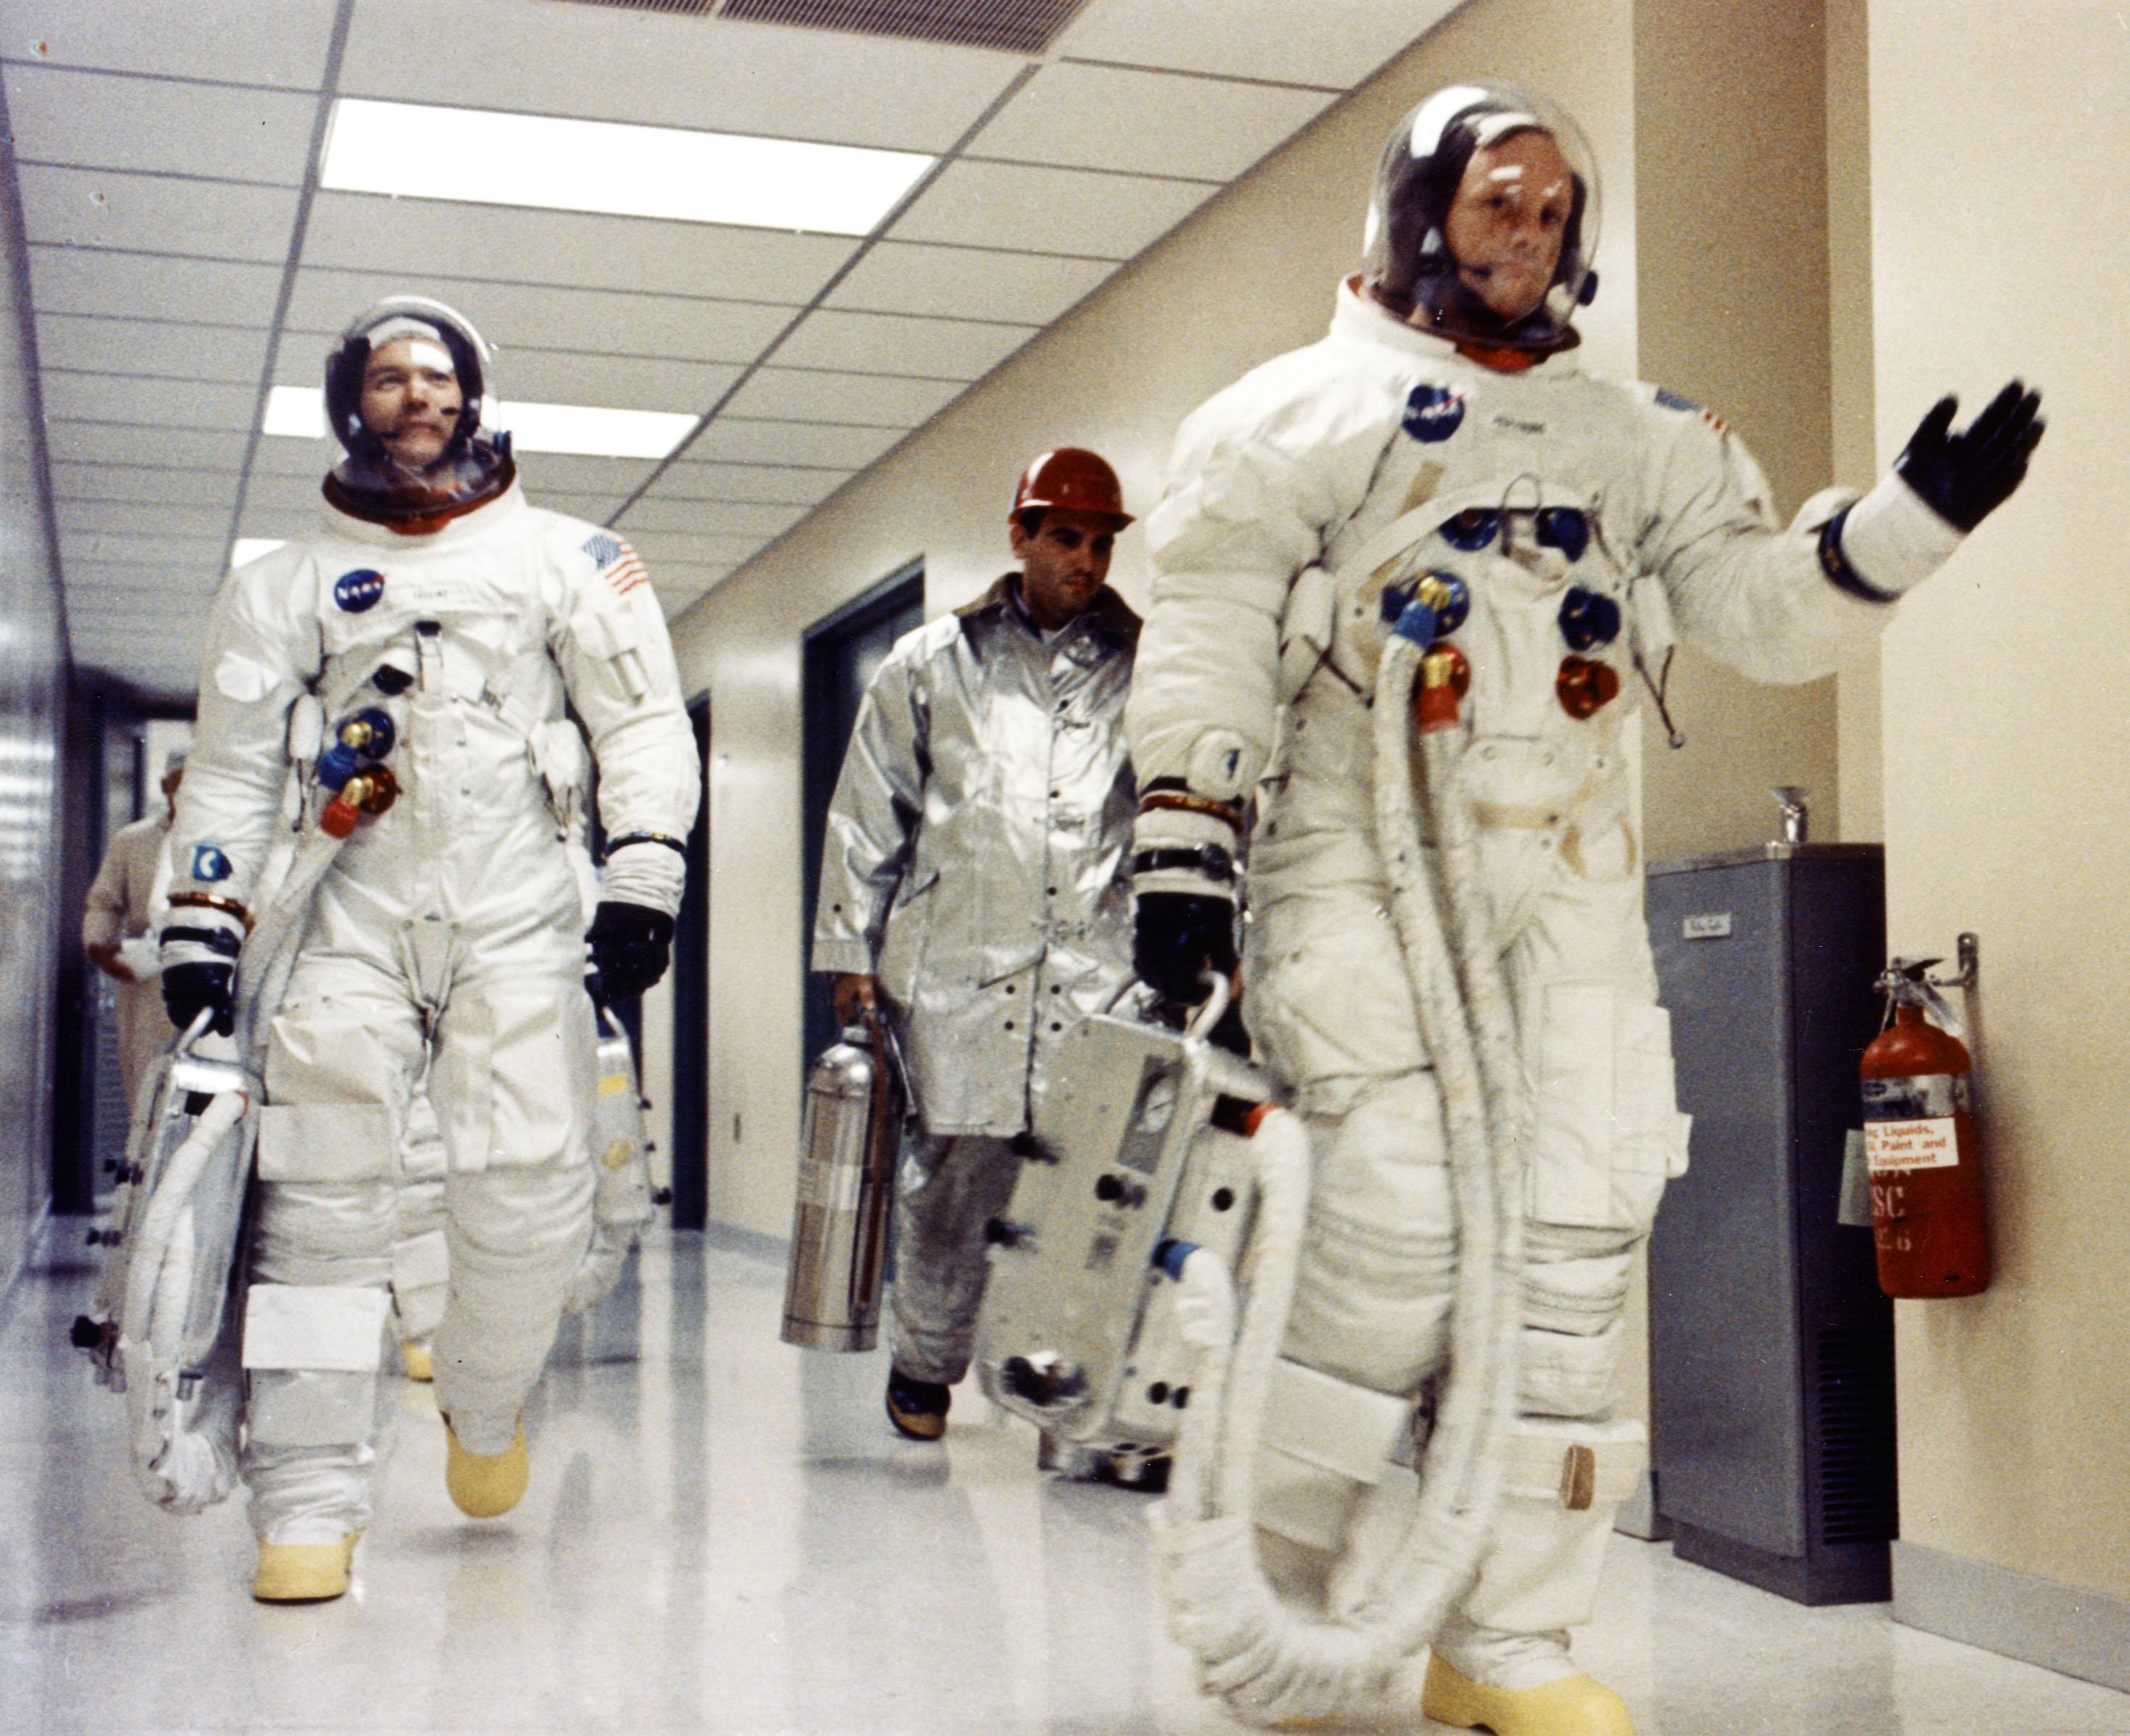 astronauts apollo 11 visite - HD2940×2396